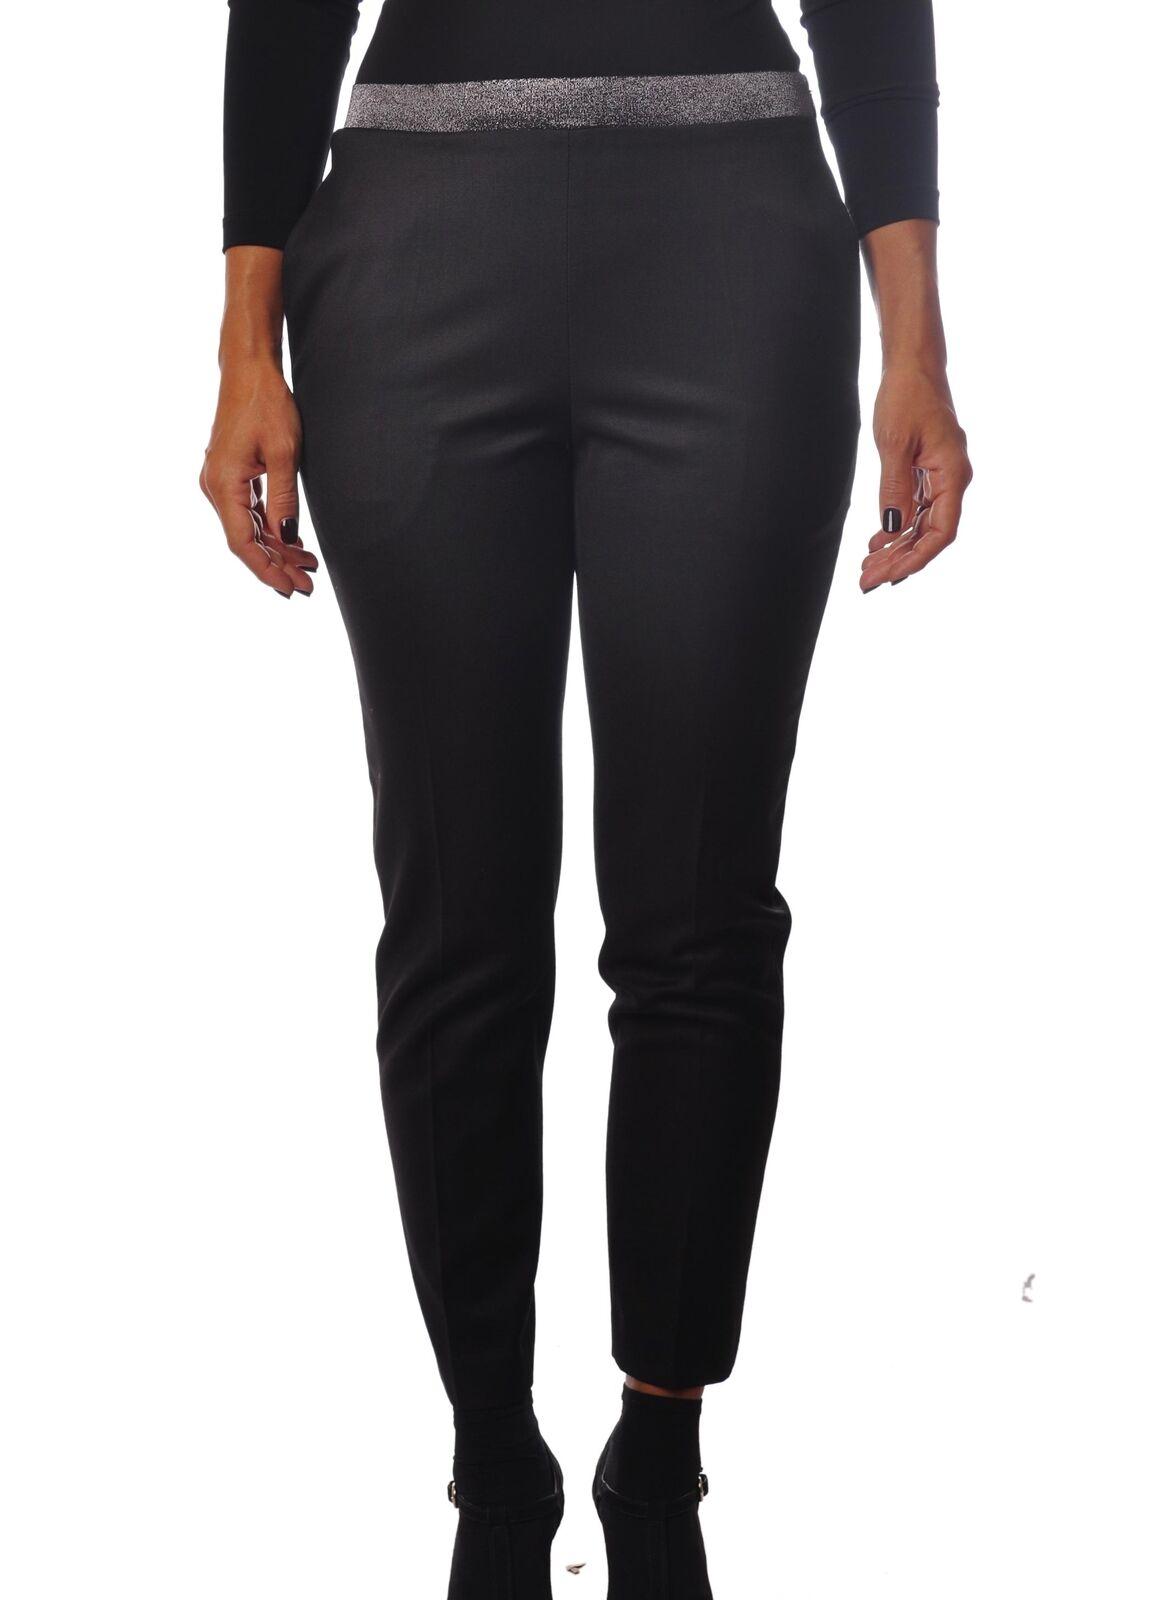 Rame  -  Pantalones - Mujer  - Negro - 4136529A184803  ventas en linea